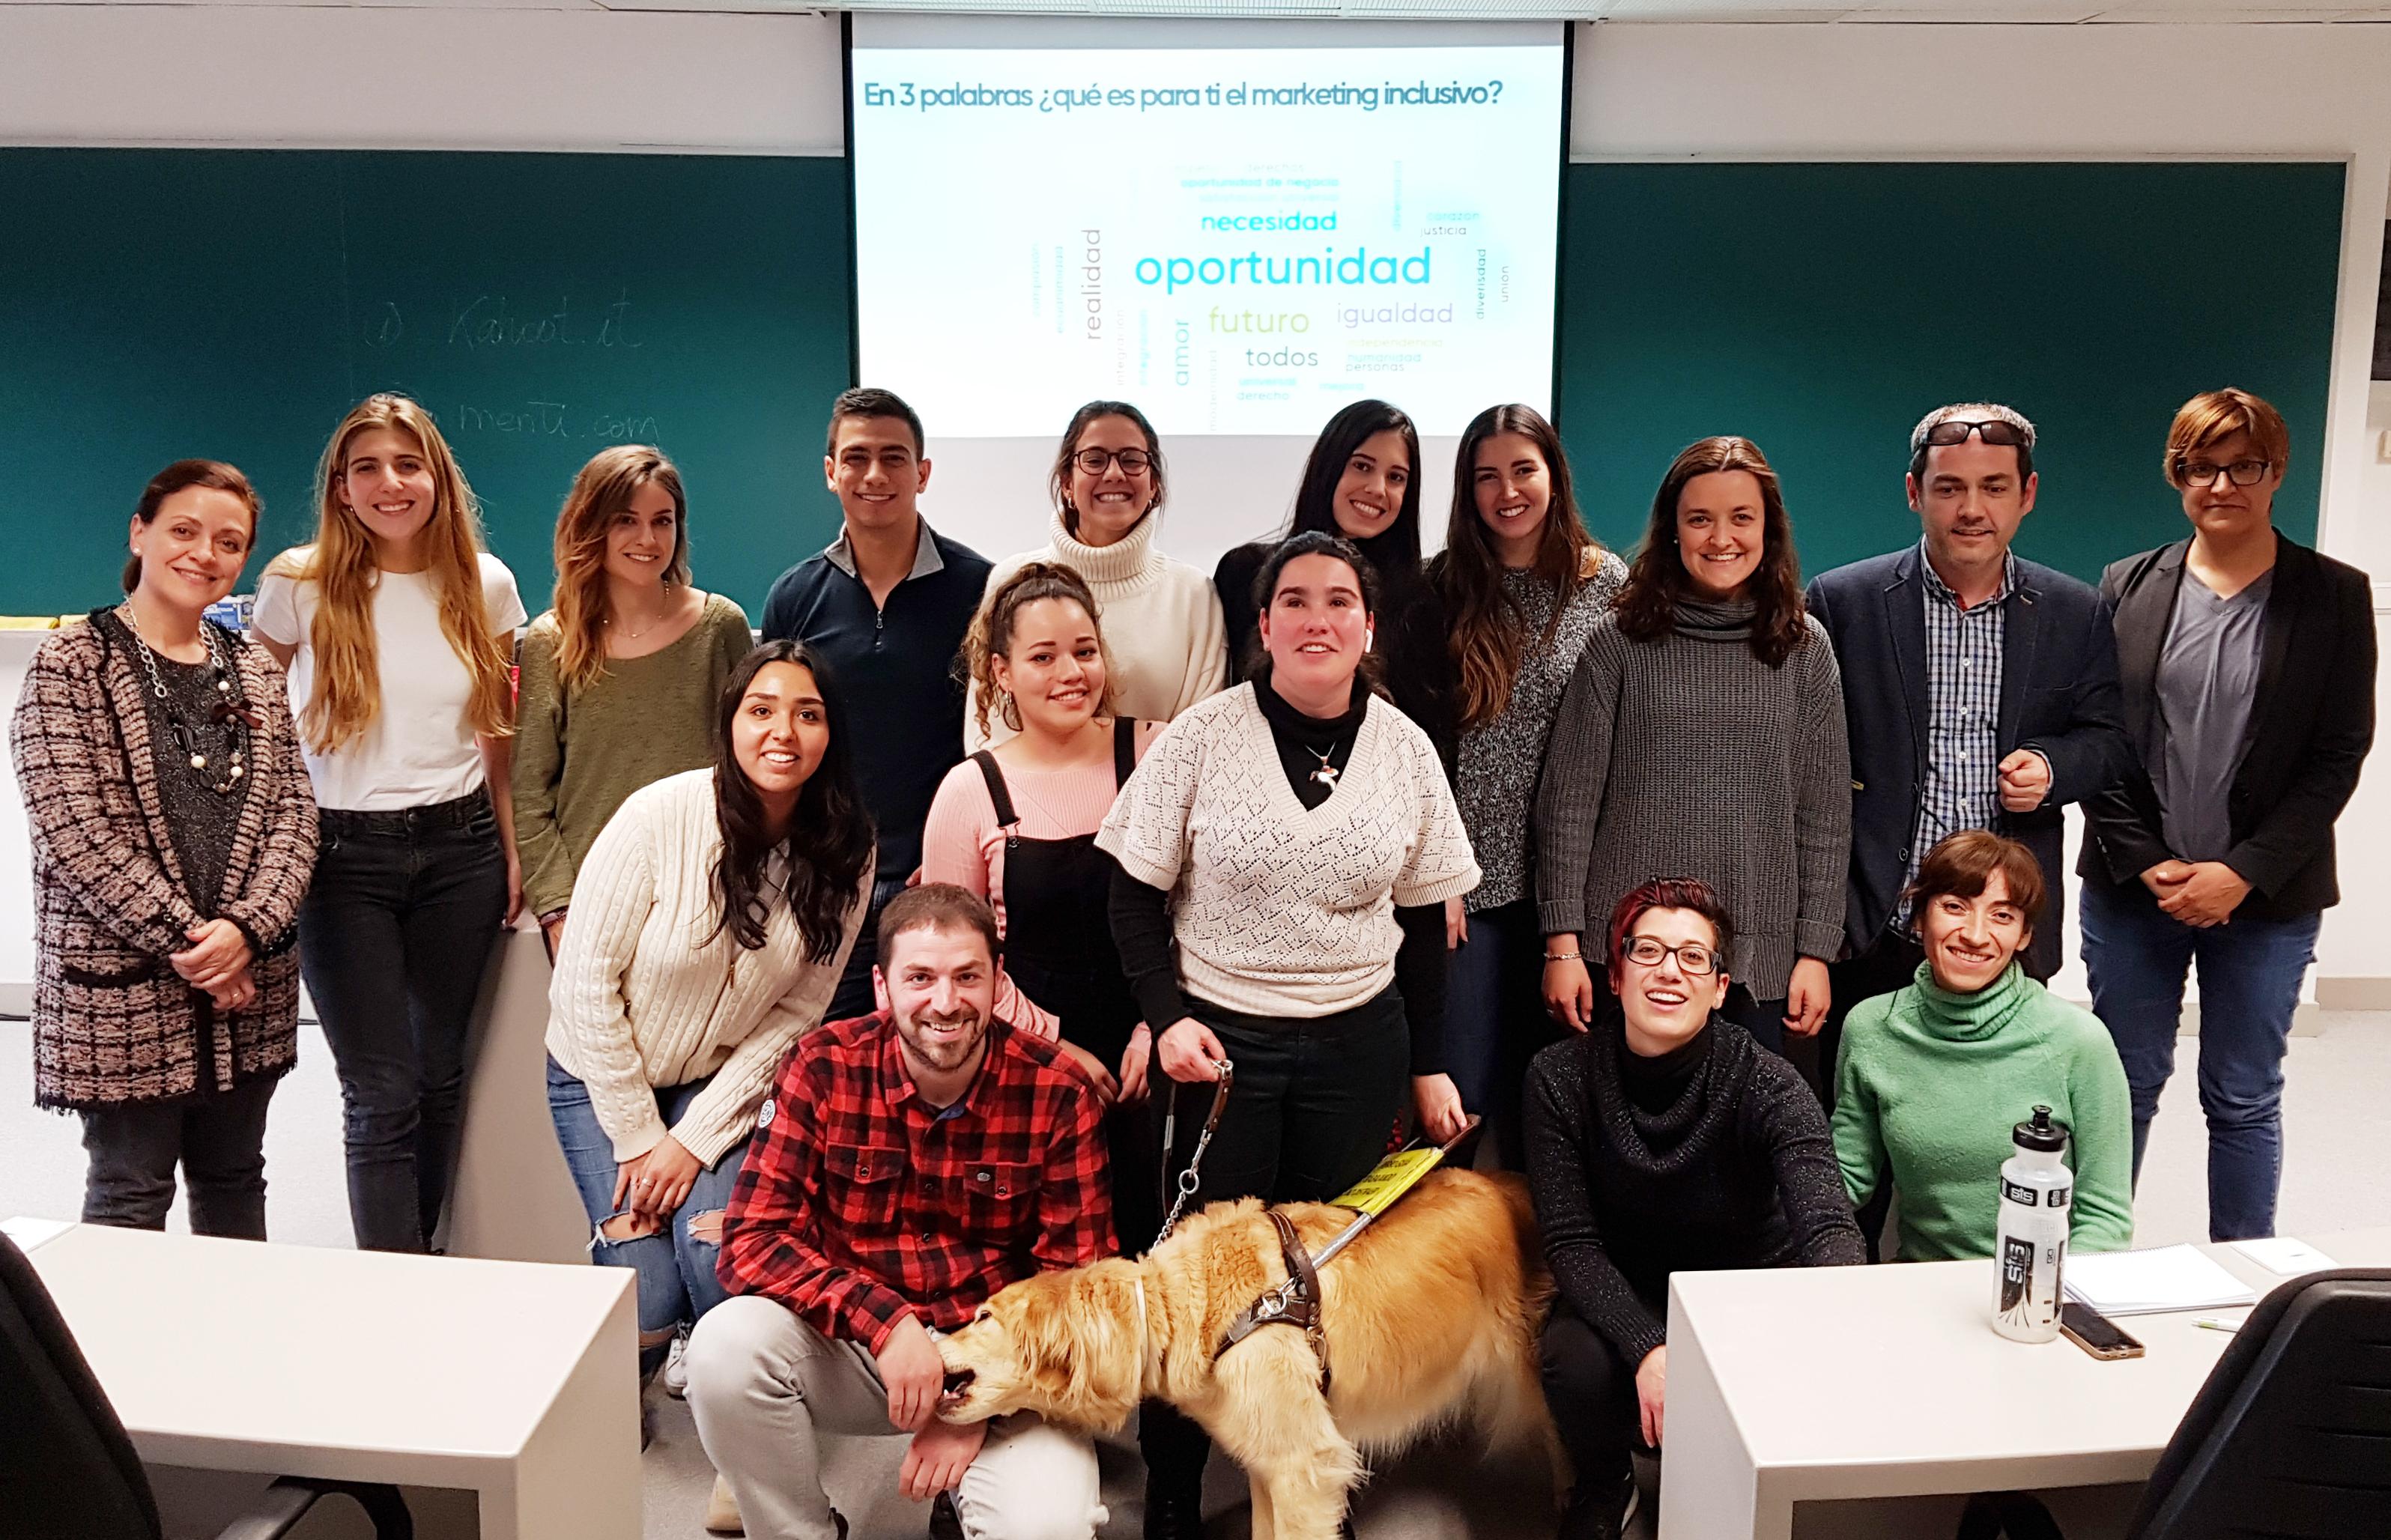 Foto final de grupo en el tercer Seminario de marketing inclusivo en la Universidad de Navarra. Unas 16 personas, con el perro-guía de Zuriñe de Anzola. Al fondo, la pantalla con las palabras que han dado los asistentes con las que resumen el marketing inclusivo. La más grande: oportunidad.